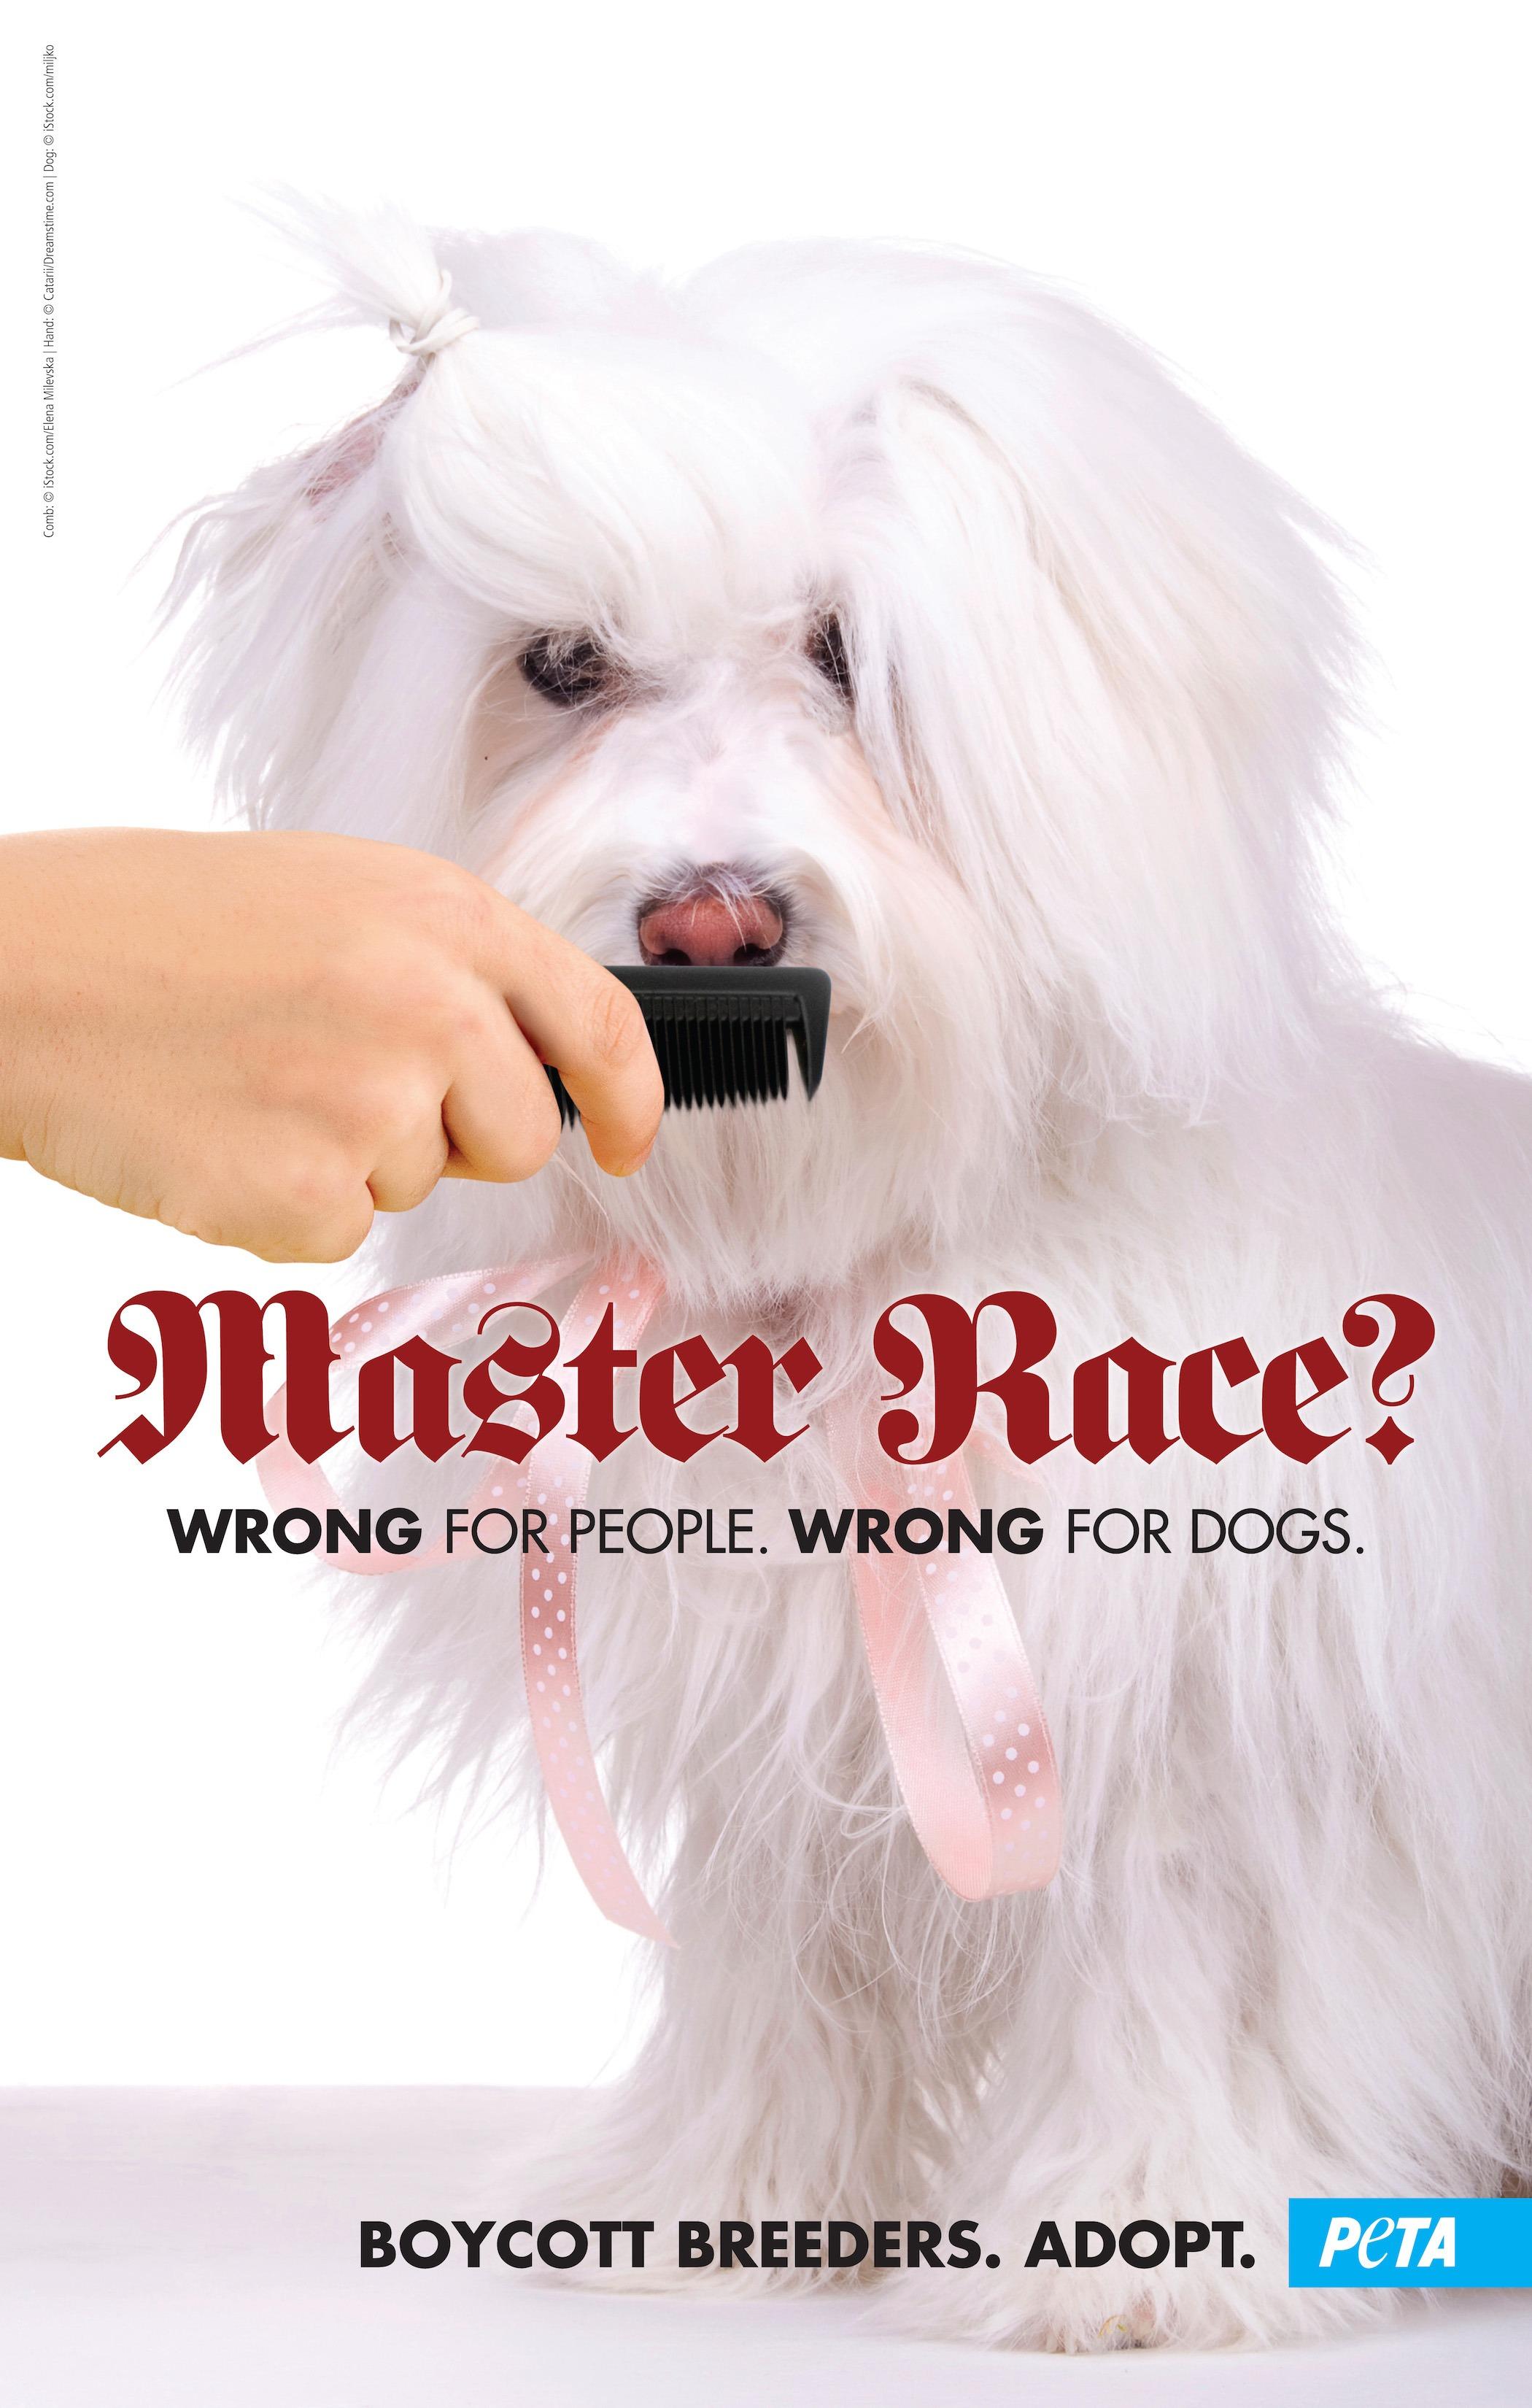 PETA master race poster